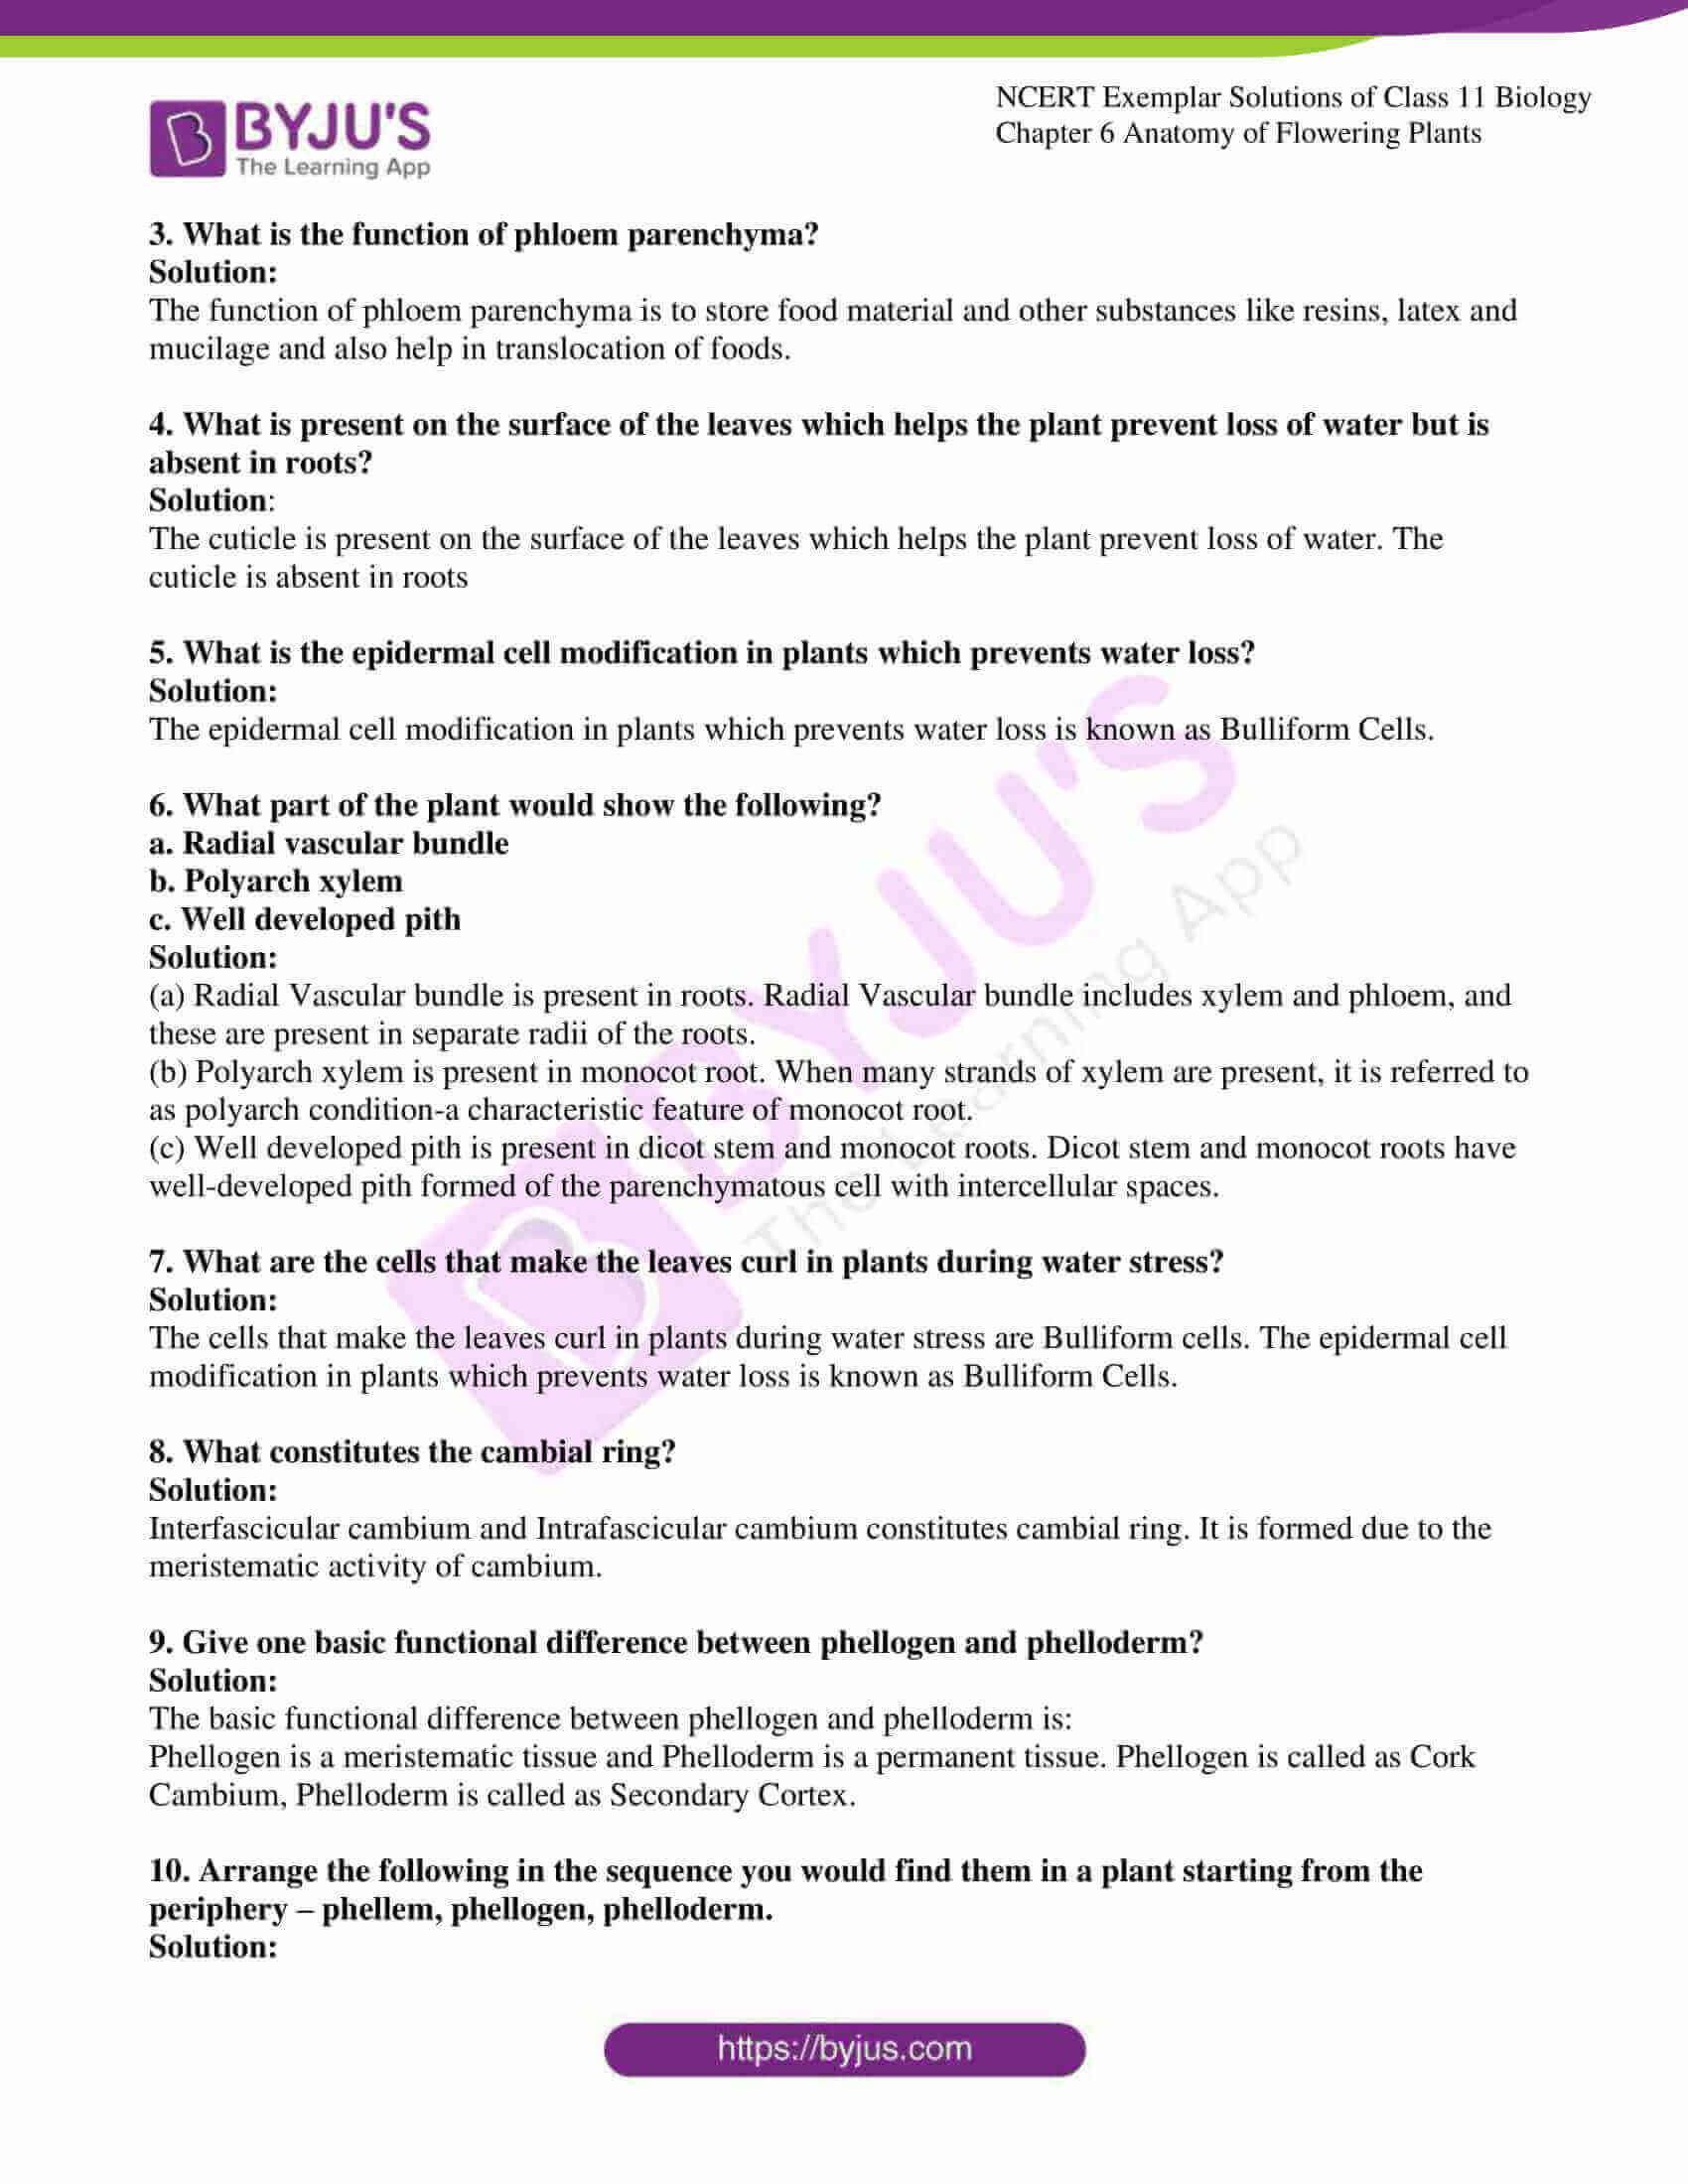 ncert exemplar solutions class 11 biology chapter 6 05